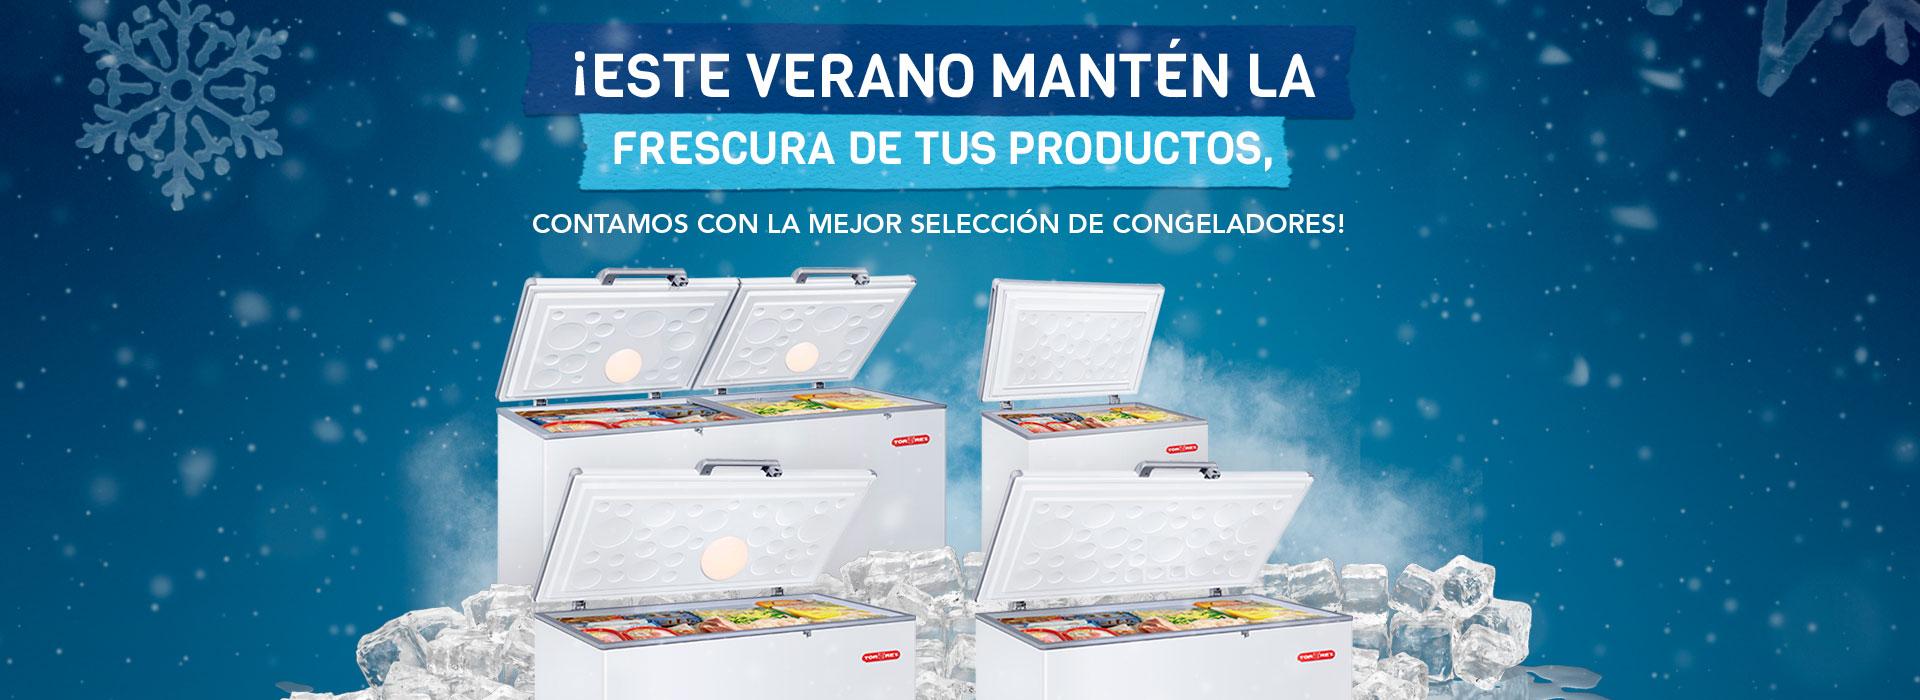 marmaq banner 1 - MARMAQ | Equipos de refrigeración, procesamiento y básculas